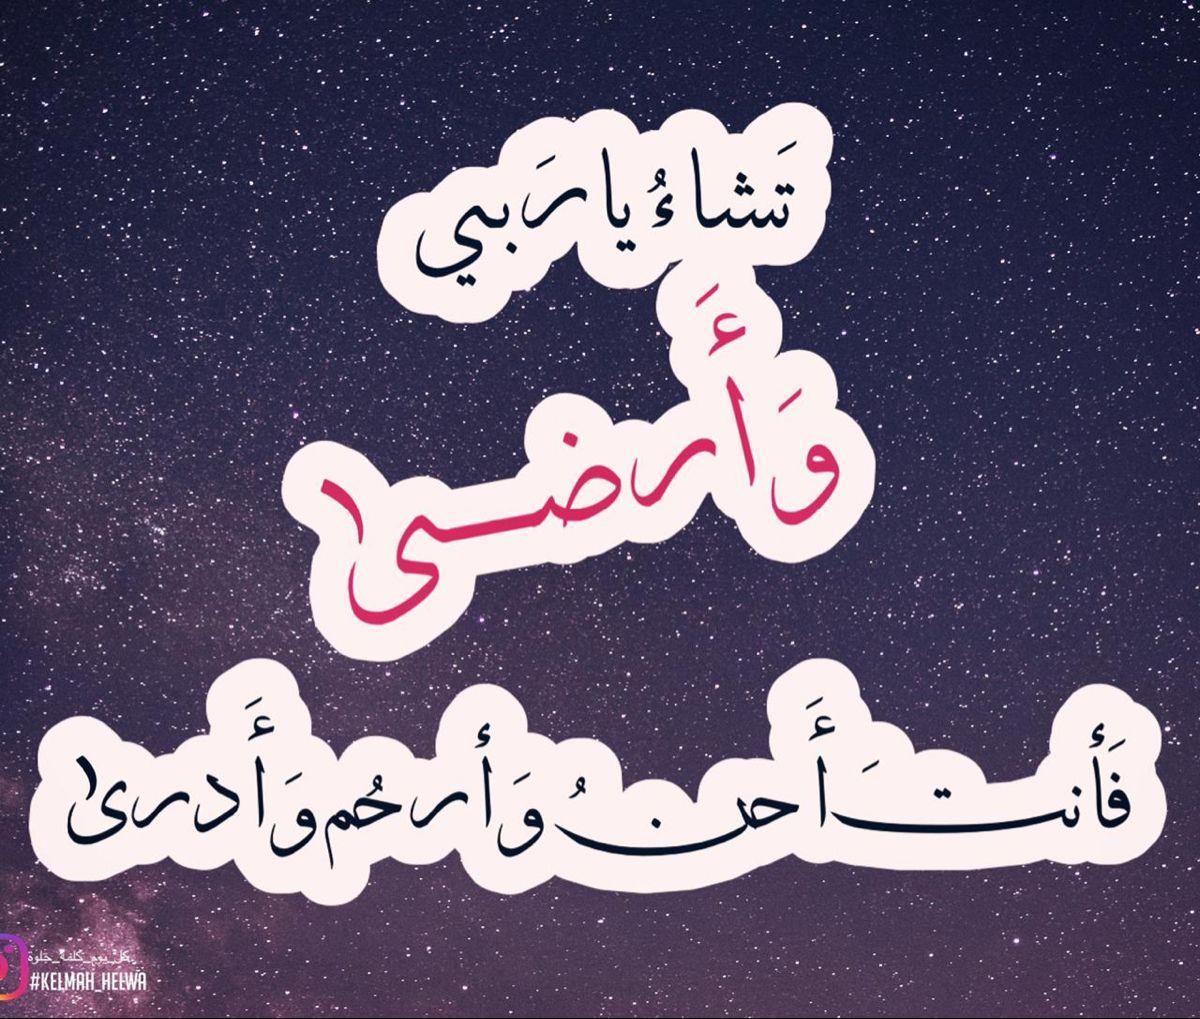 كل يوم كلمة حلوة Kelmah Helwa Instagram Photos And Videos Art Art Quotes Framed Art